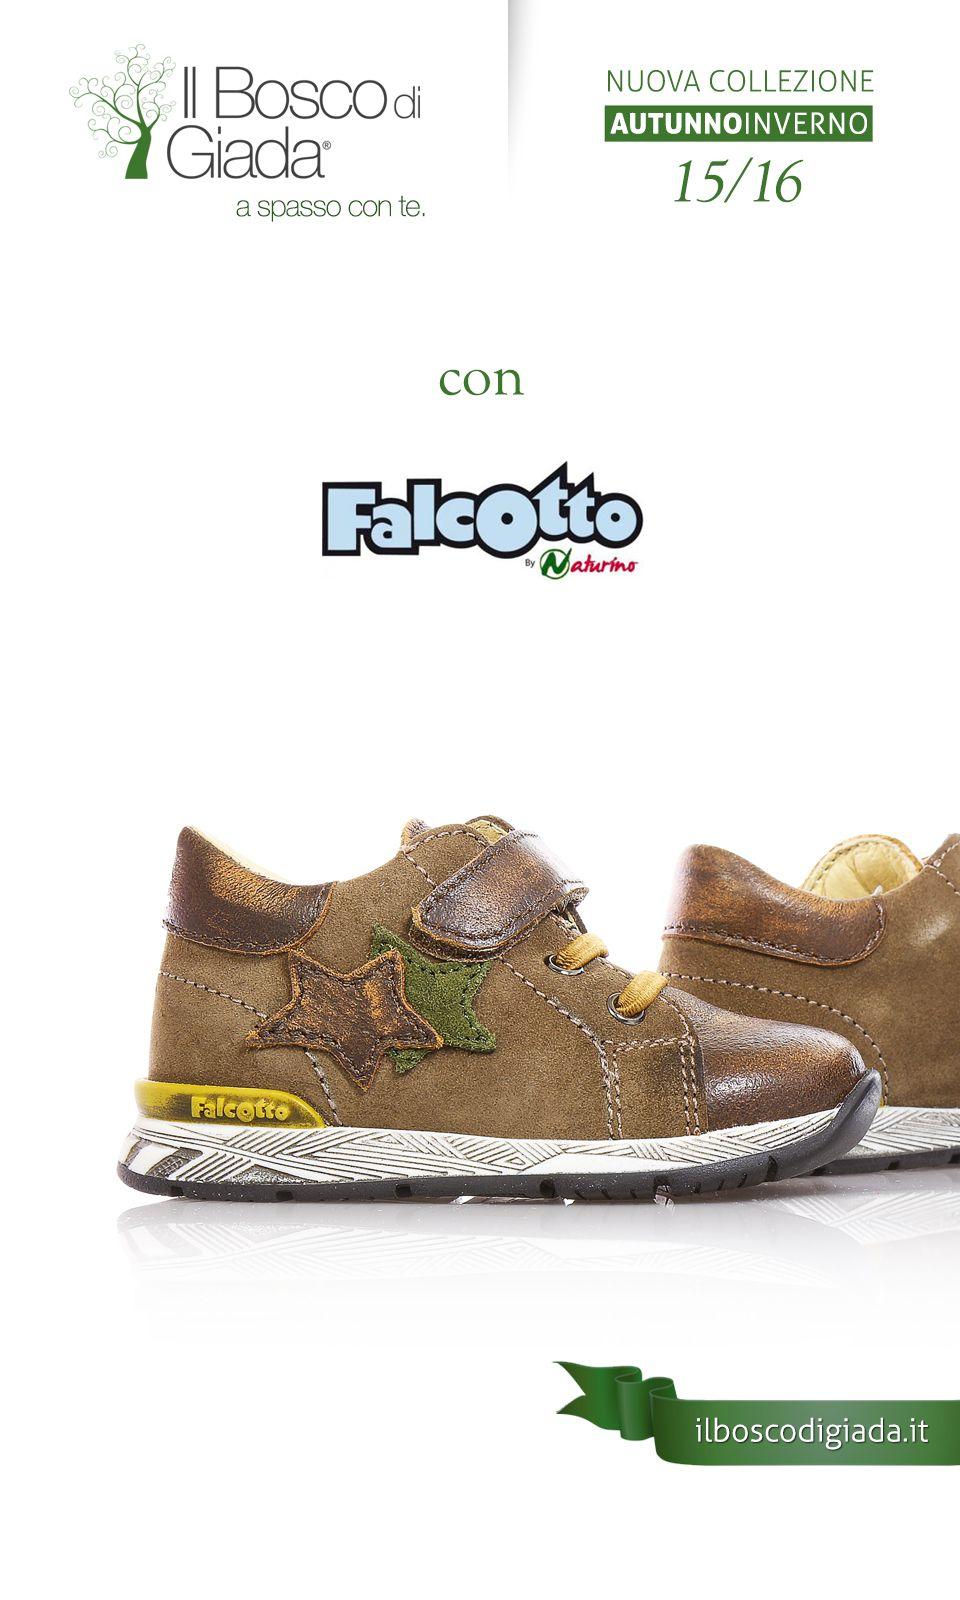 39a5ca05e8912e Nuova Collezione #falcotto Autunno-Inverno 15/16. #Scarpe per #bambini, # ragazzi e #donne alla #moda. Acquistale su www.ilboscodigiada.it - #shoes  #FW1516